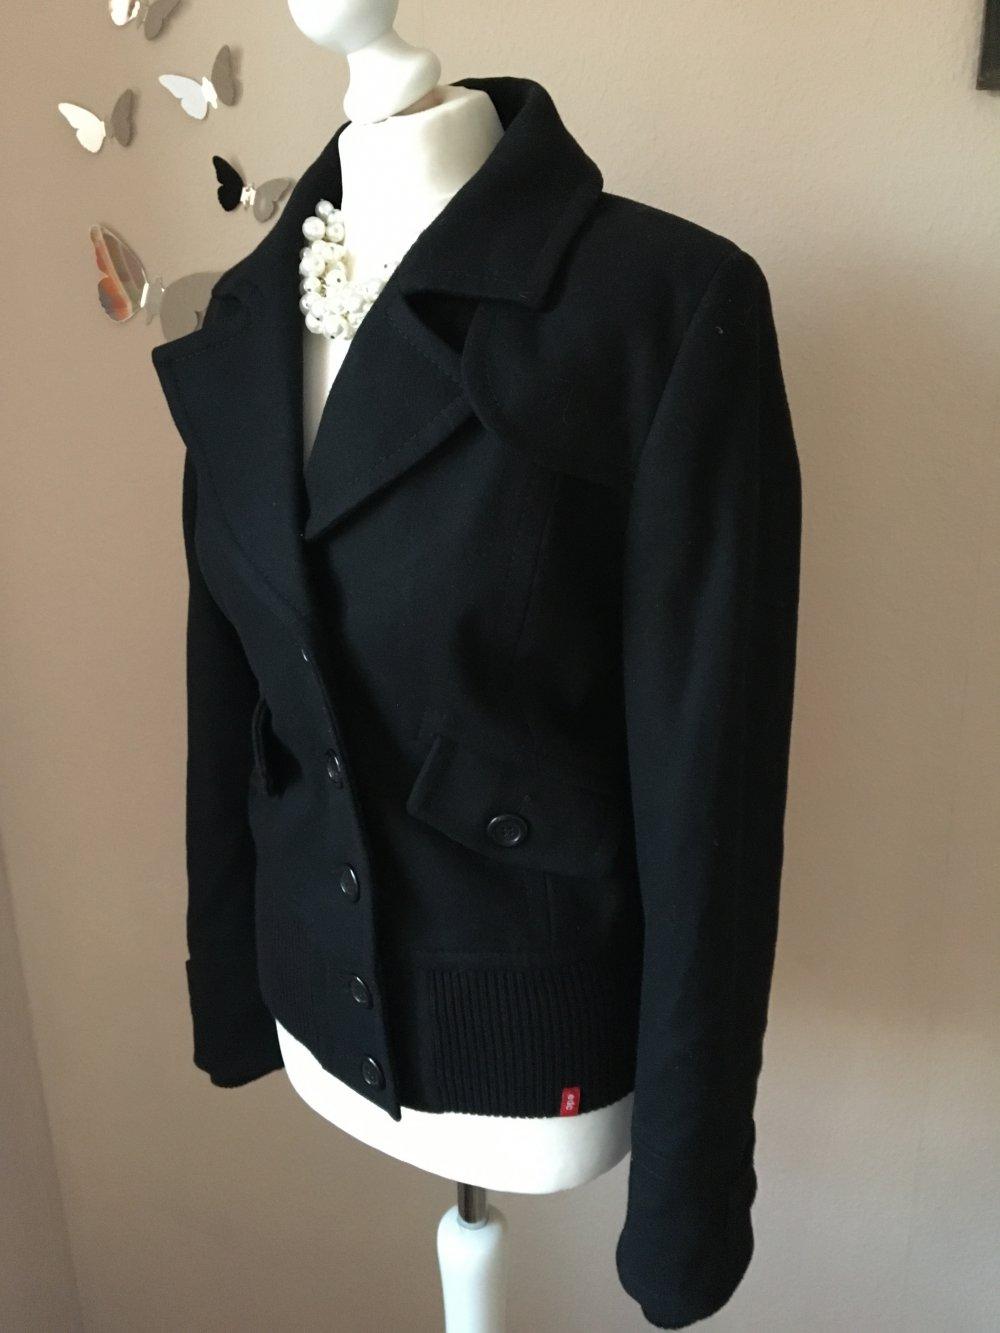 NEU Wolljacke von EDC Esprit 75% Wolle schwarz M